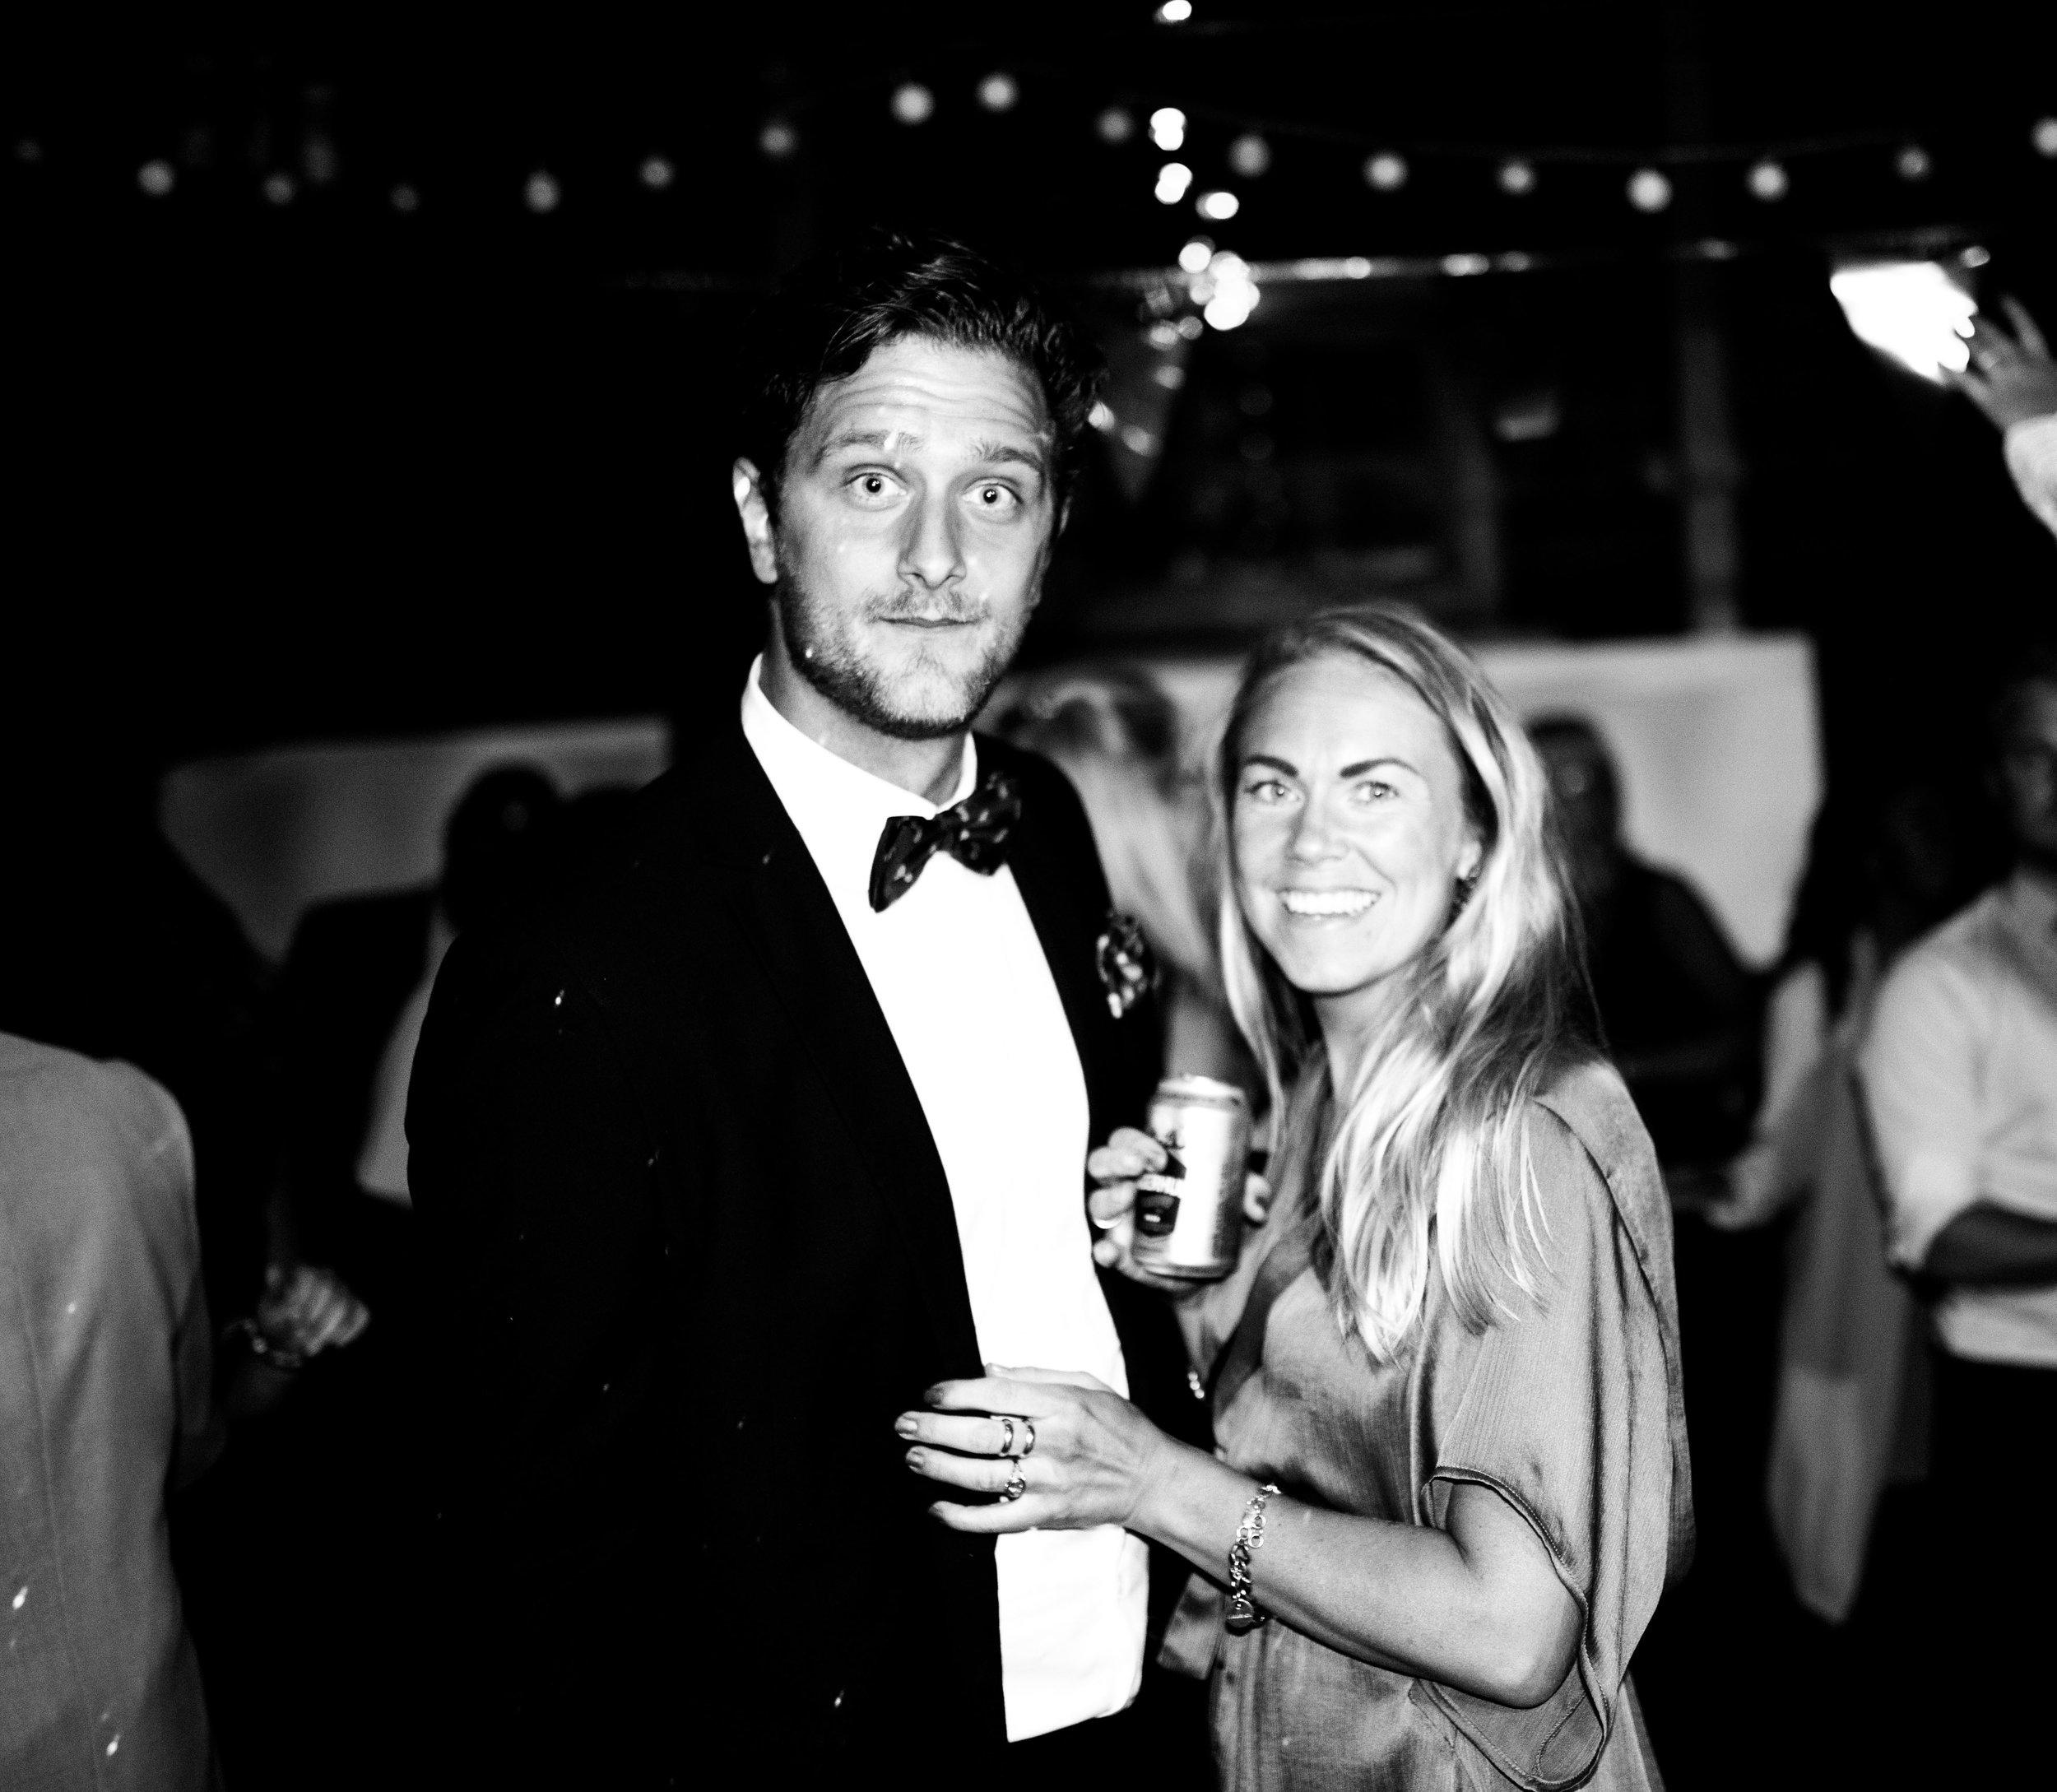 Bröllop2019lågkvall2-6639.jpg